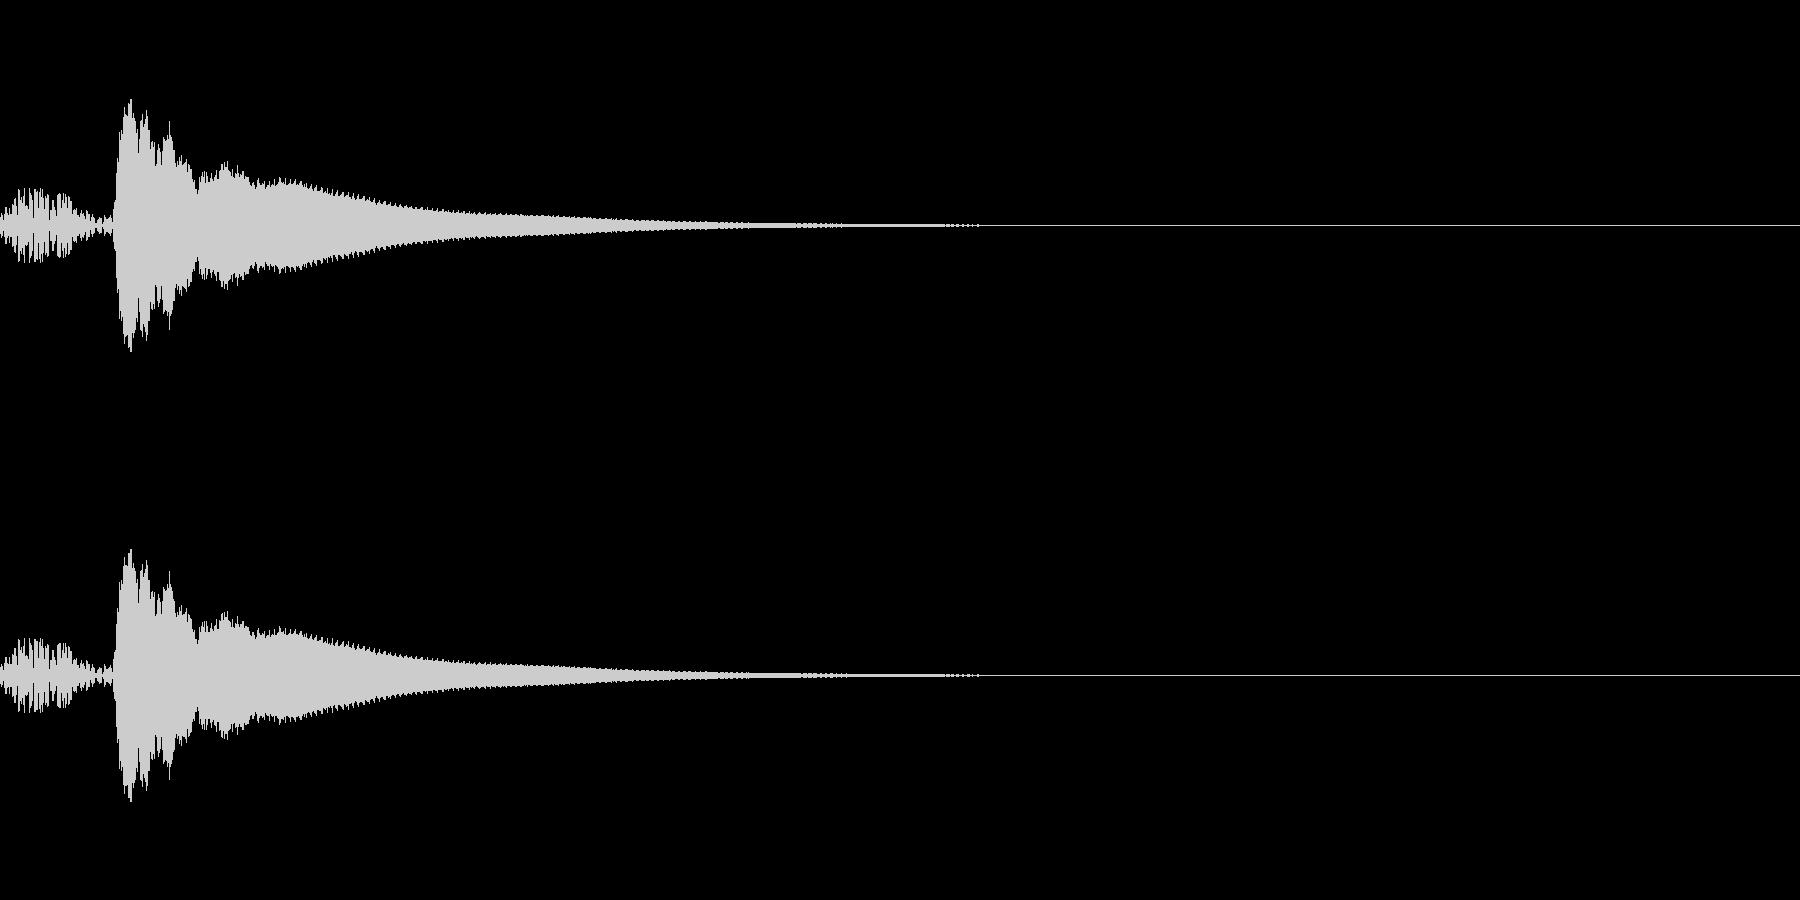 カーソル移動音2 文字 入力 楽しい 和の未再生の波形